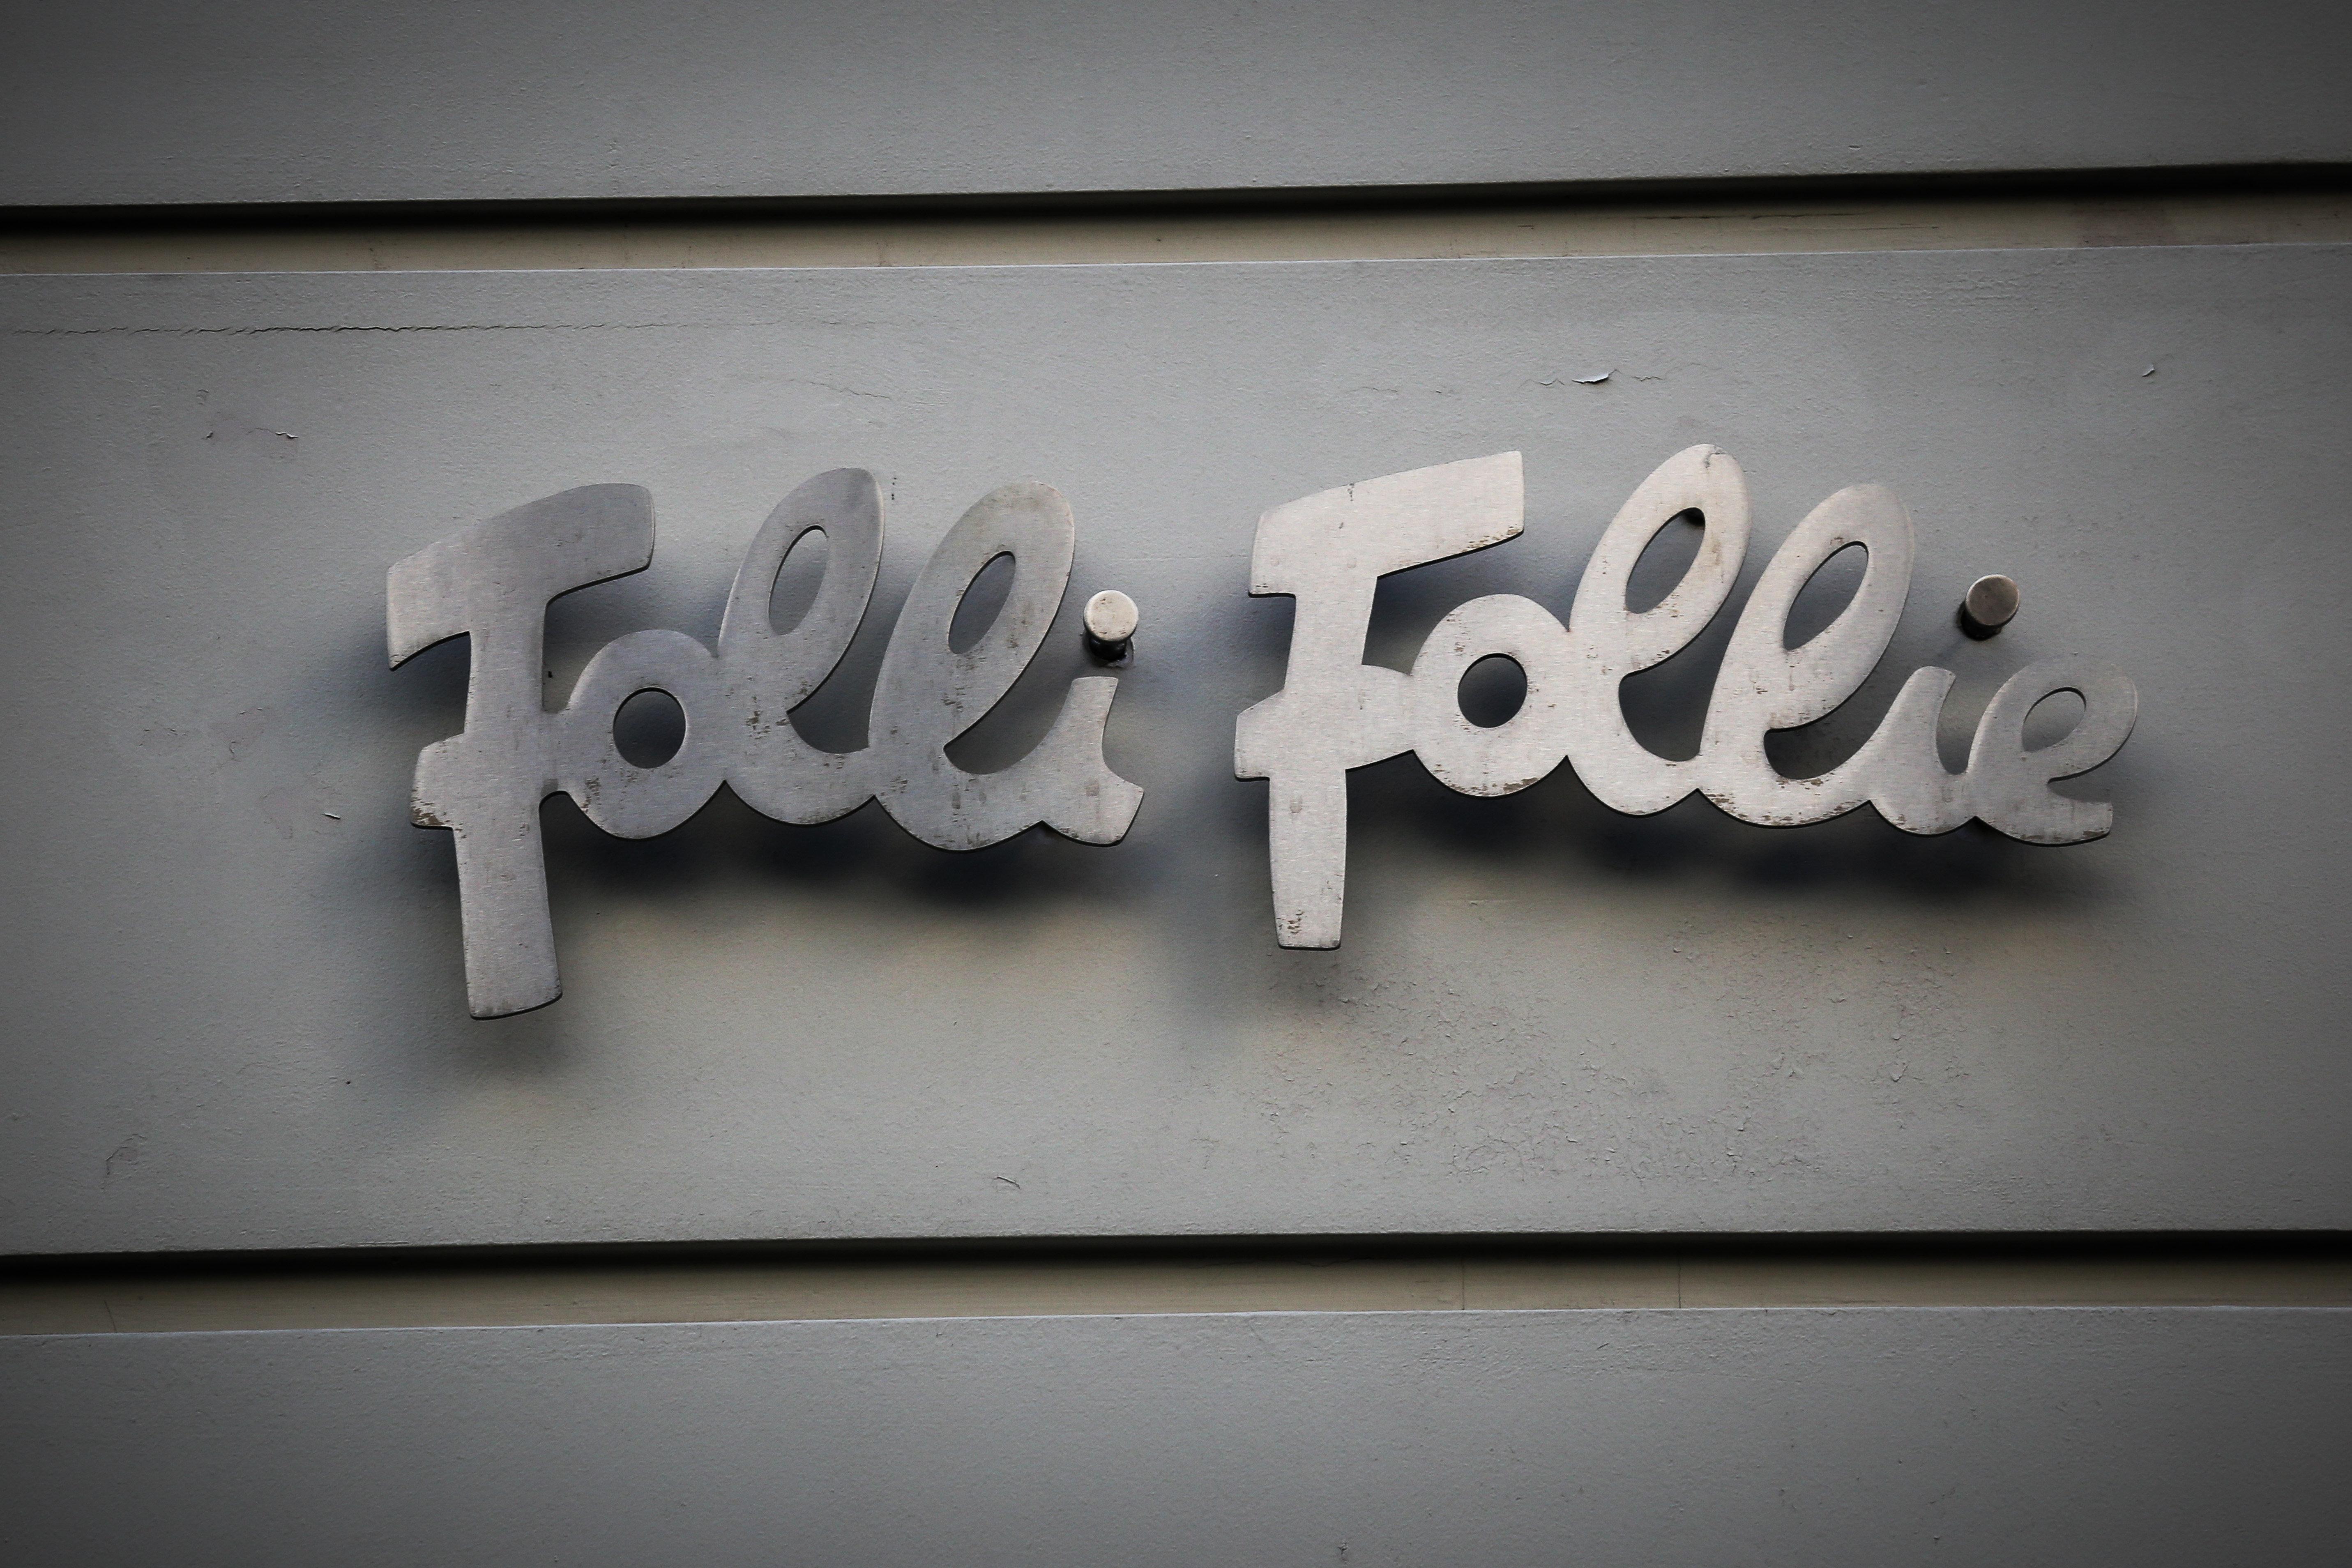 Δεσμεύονται οι λογαριασμοί όλων των μελών του ΔΣ της Folli Follie και της οικογένειας